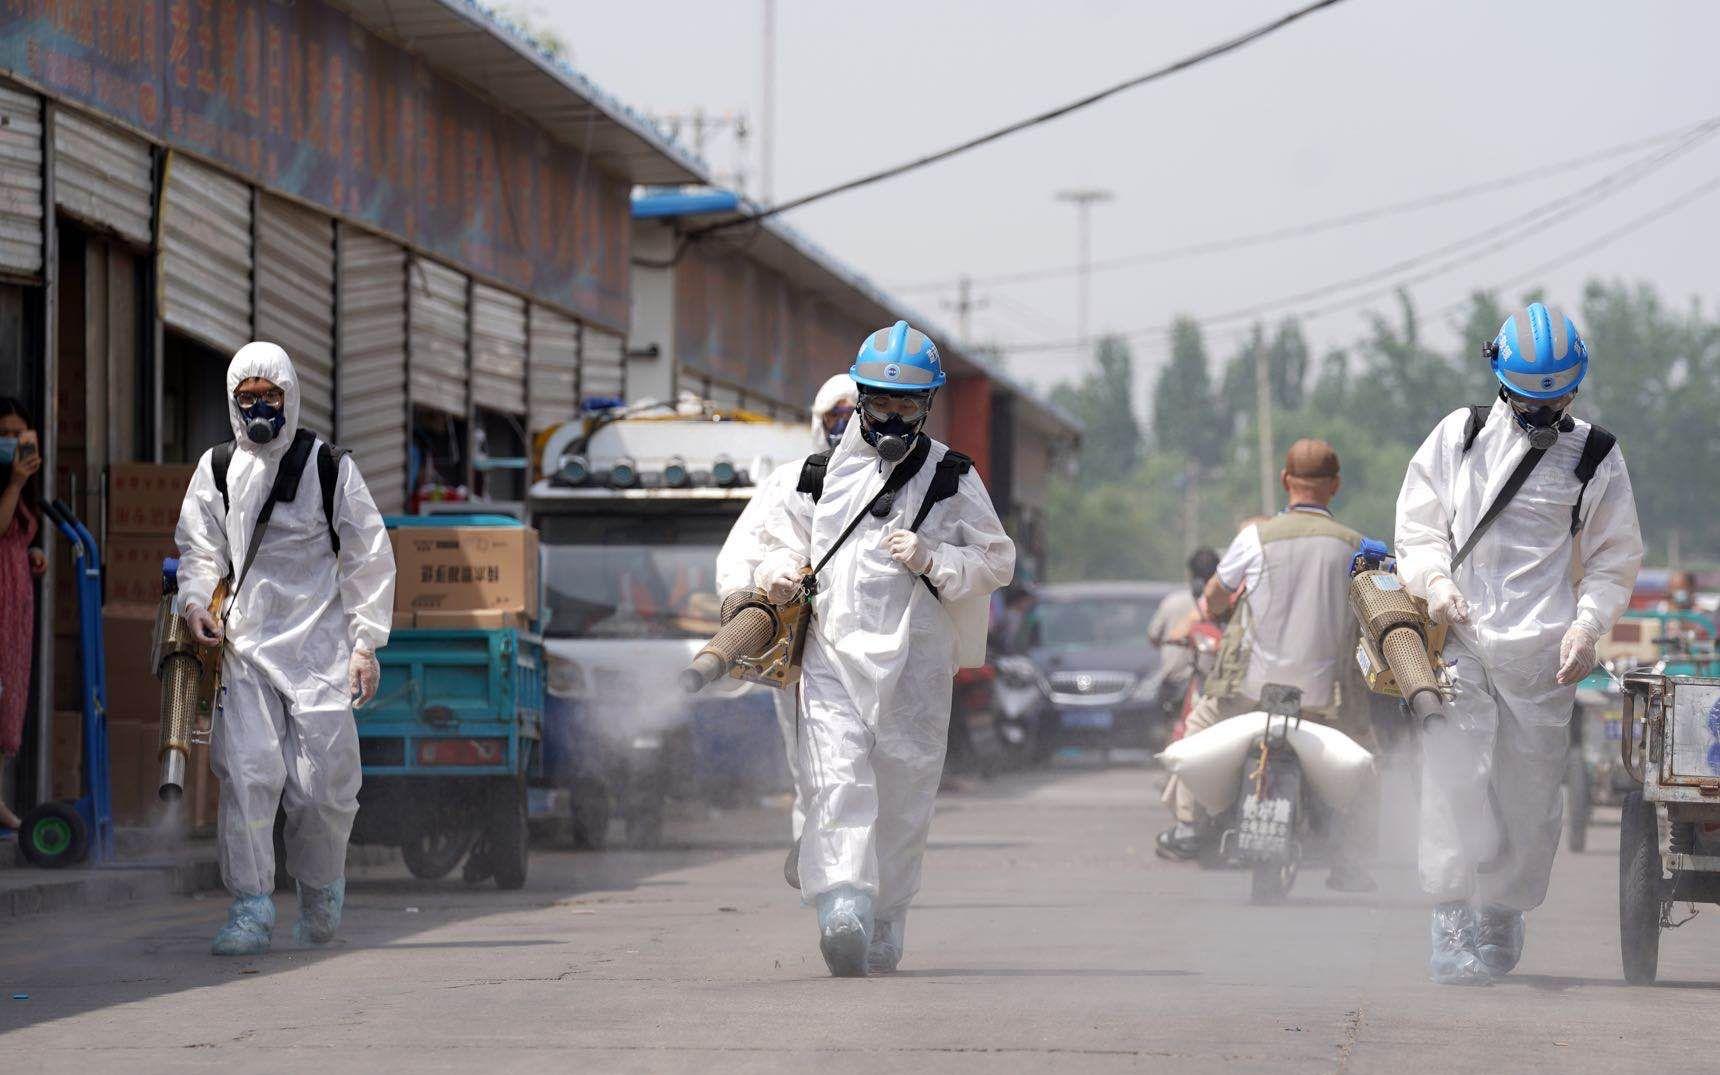 丰台区岳各庄市场进行全面消杀。摄影/新京报记者陶冉